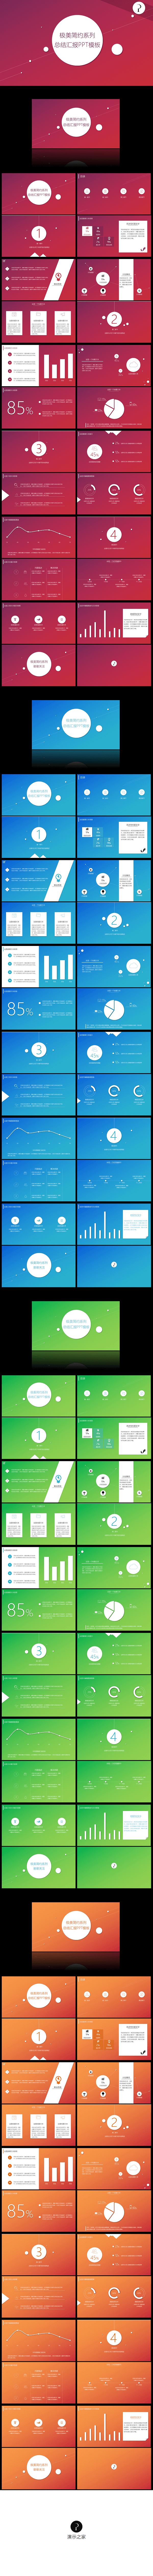 2016年终总结计划工作汇报ppt实用模板-2017商务总结线条动画PPT模板免费